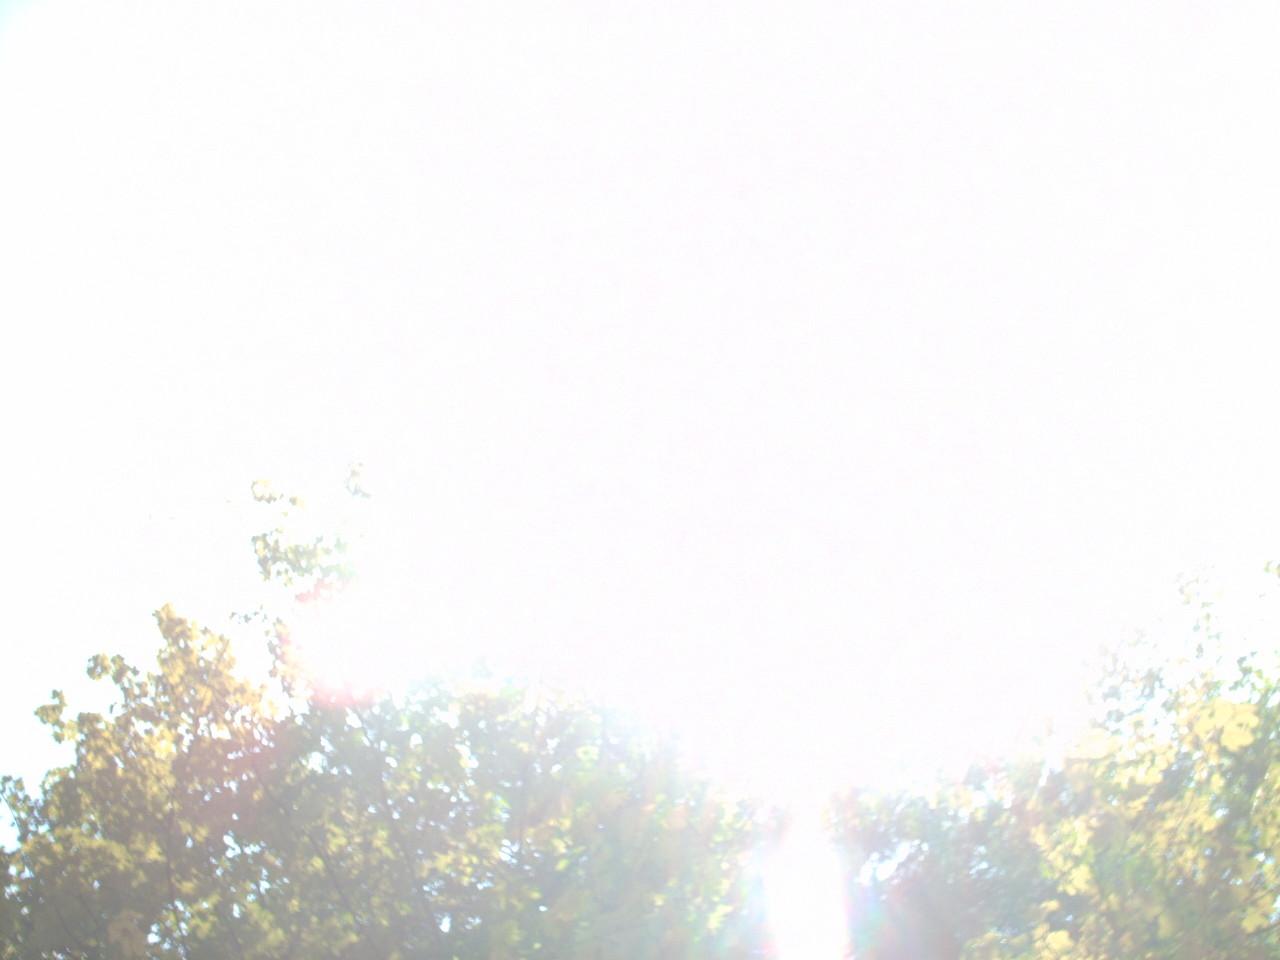 Untersberg - Maria Himmelfahrt am 15.08.2012 - Toröffnung (das ist NICHT die Sonne)